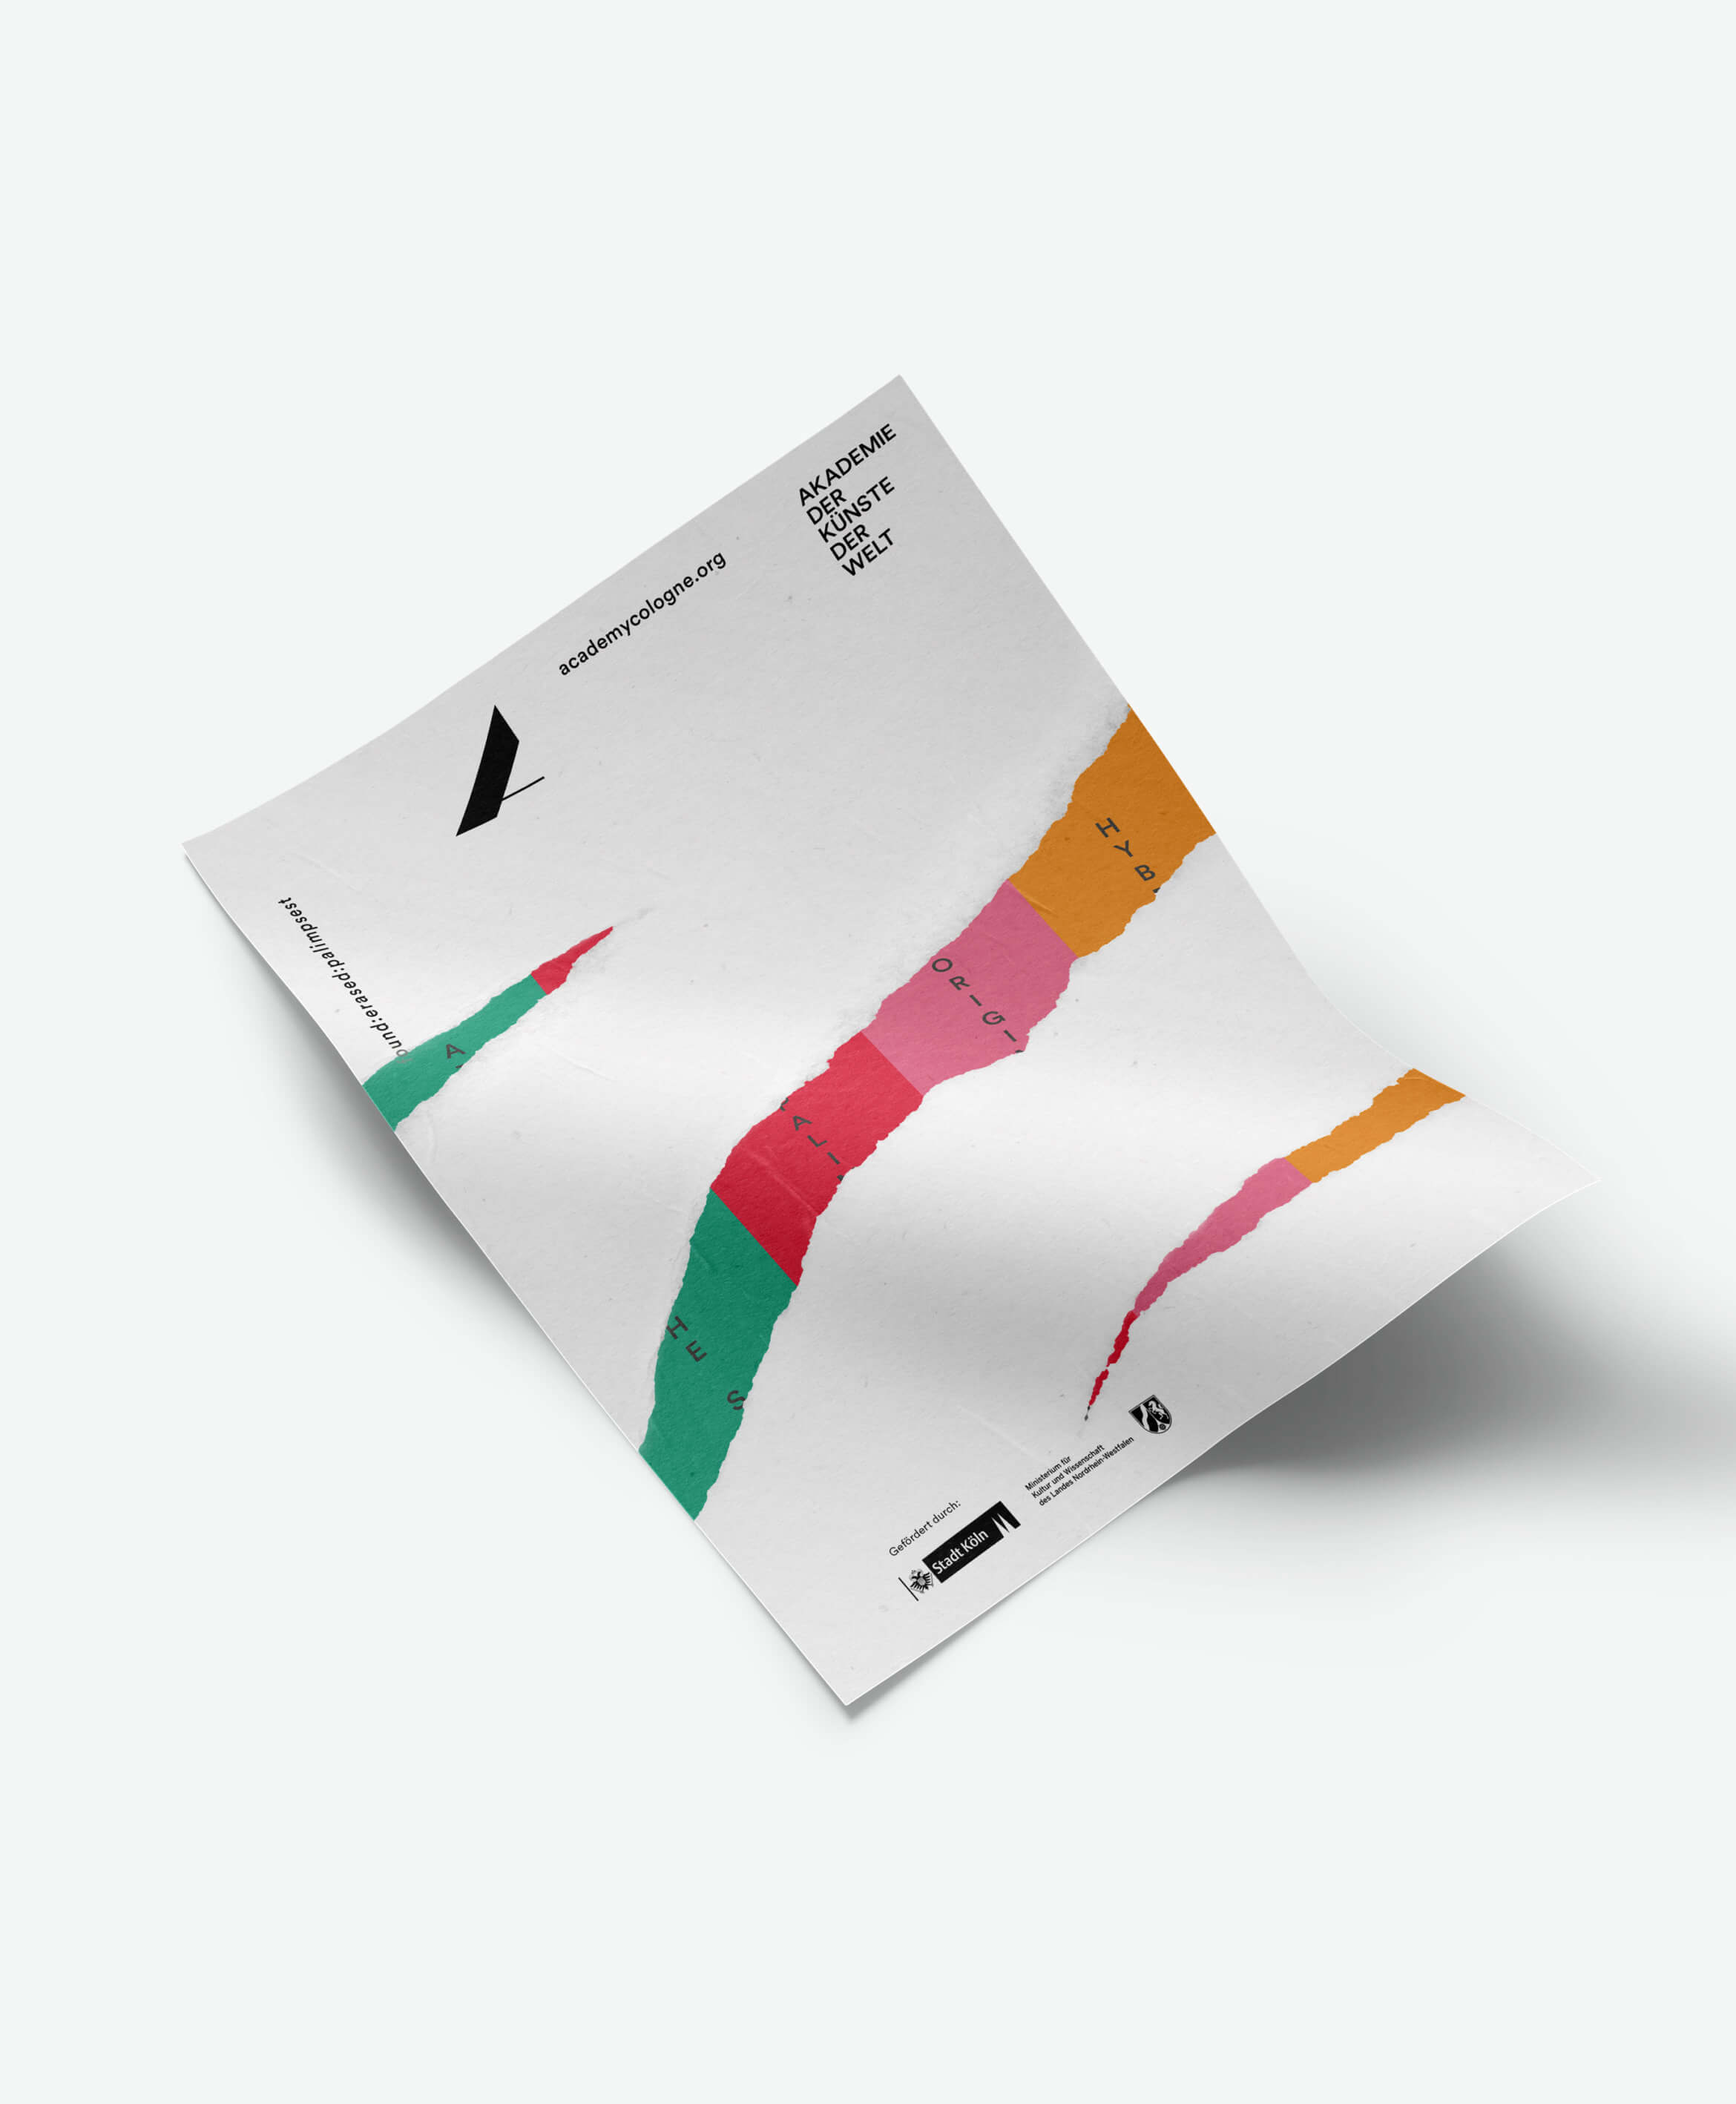 Buero_Freiheit_Akademie_der_Kuenste_der_Welt_Kampagne_Poster_found_erased_palimpset_Plakat_2 Akademie der Künste der Welt / Köln